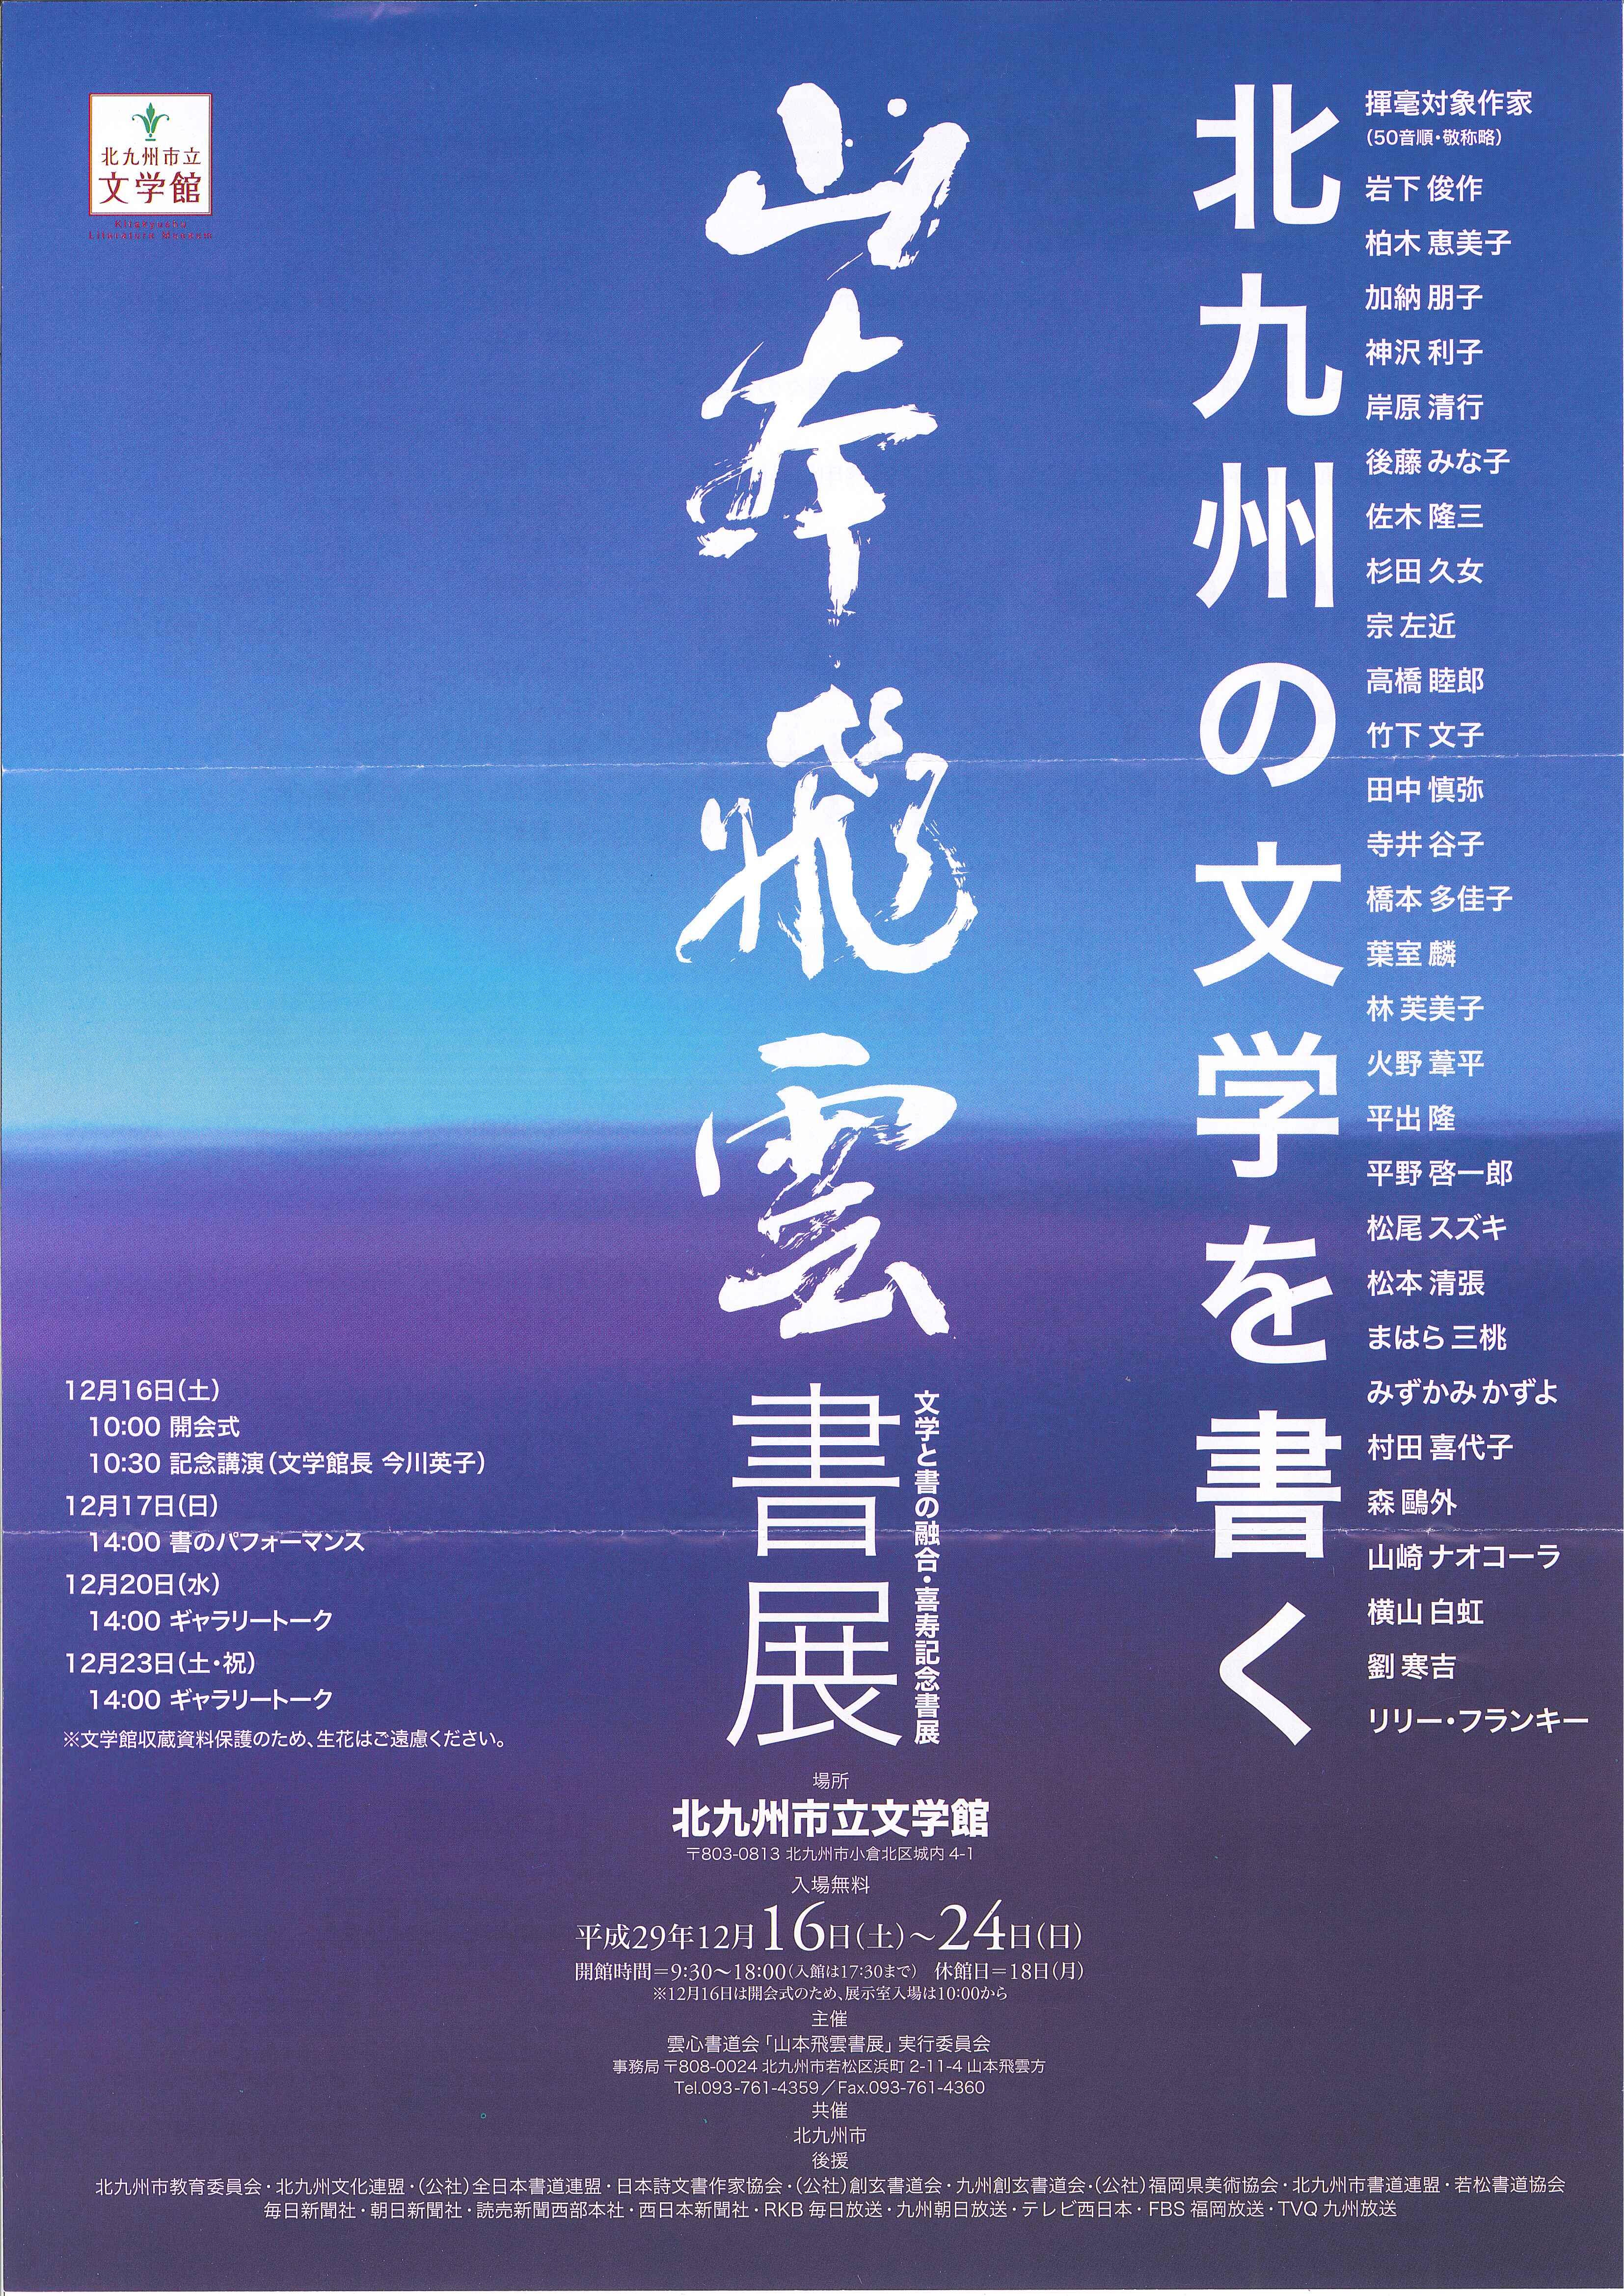 http://www.sogen.or.jp/letter/2017/12/04/20171204190644695_0001.jpg